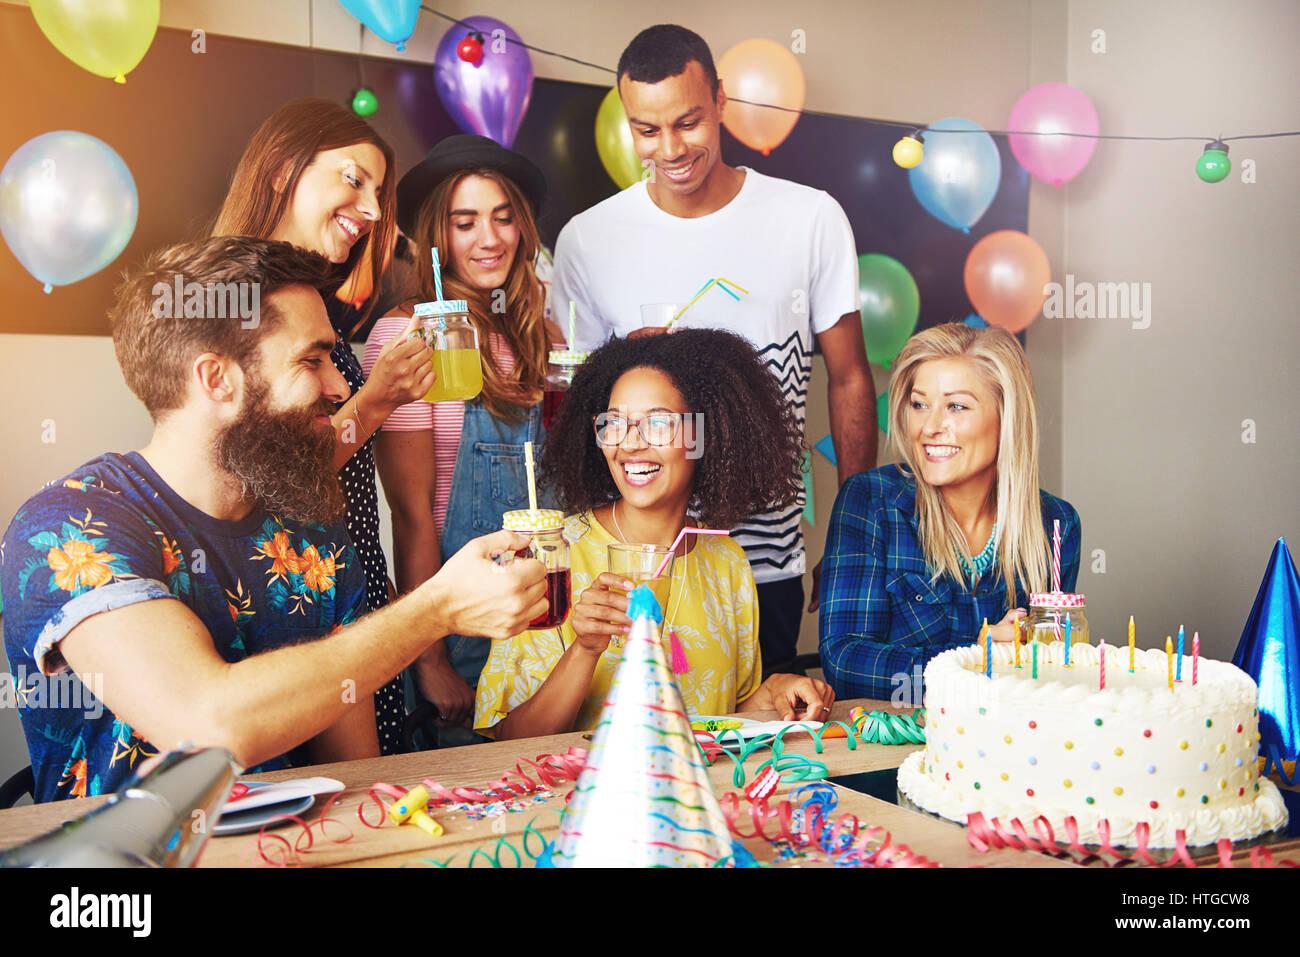 gruppe von freunden meinen geburtstag zu feiern f r die party zuhause bunte ballons und. Black Bedroom Furniture Sets. Home Design Ideas